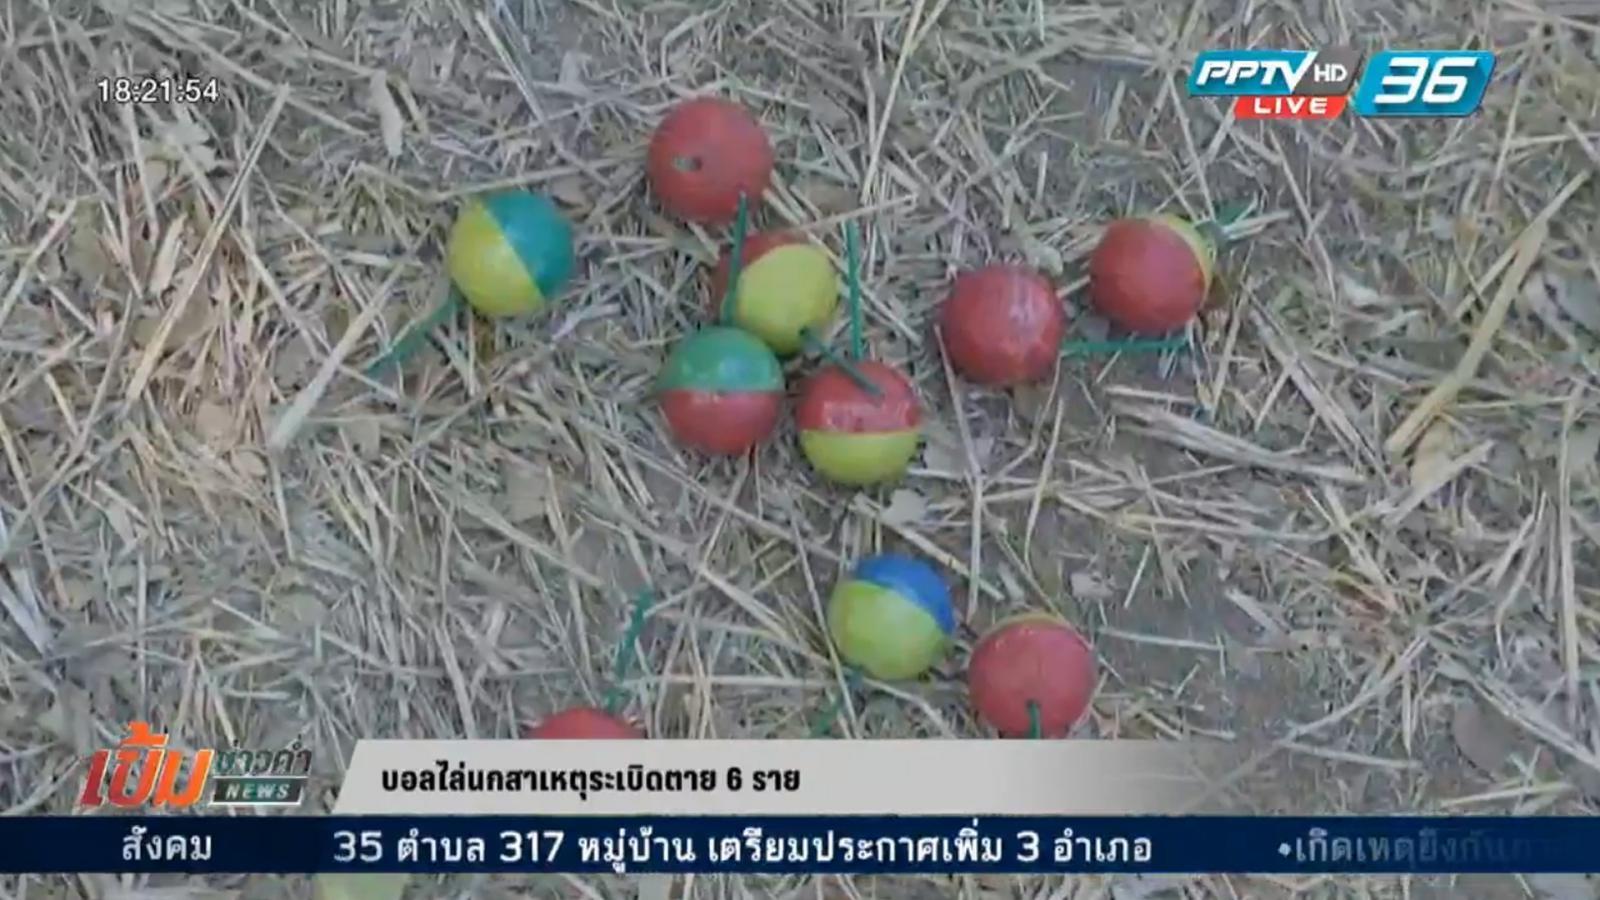 บอลไล่นกสาเหตุระเบิดตาย 6 ราย